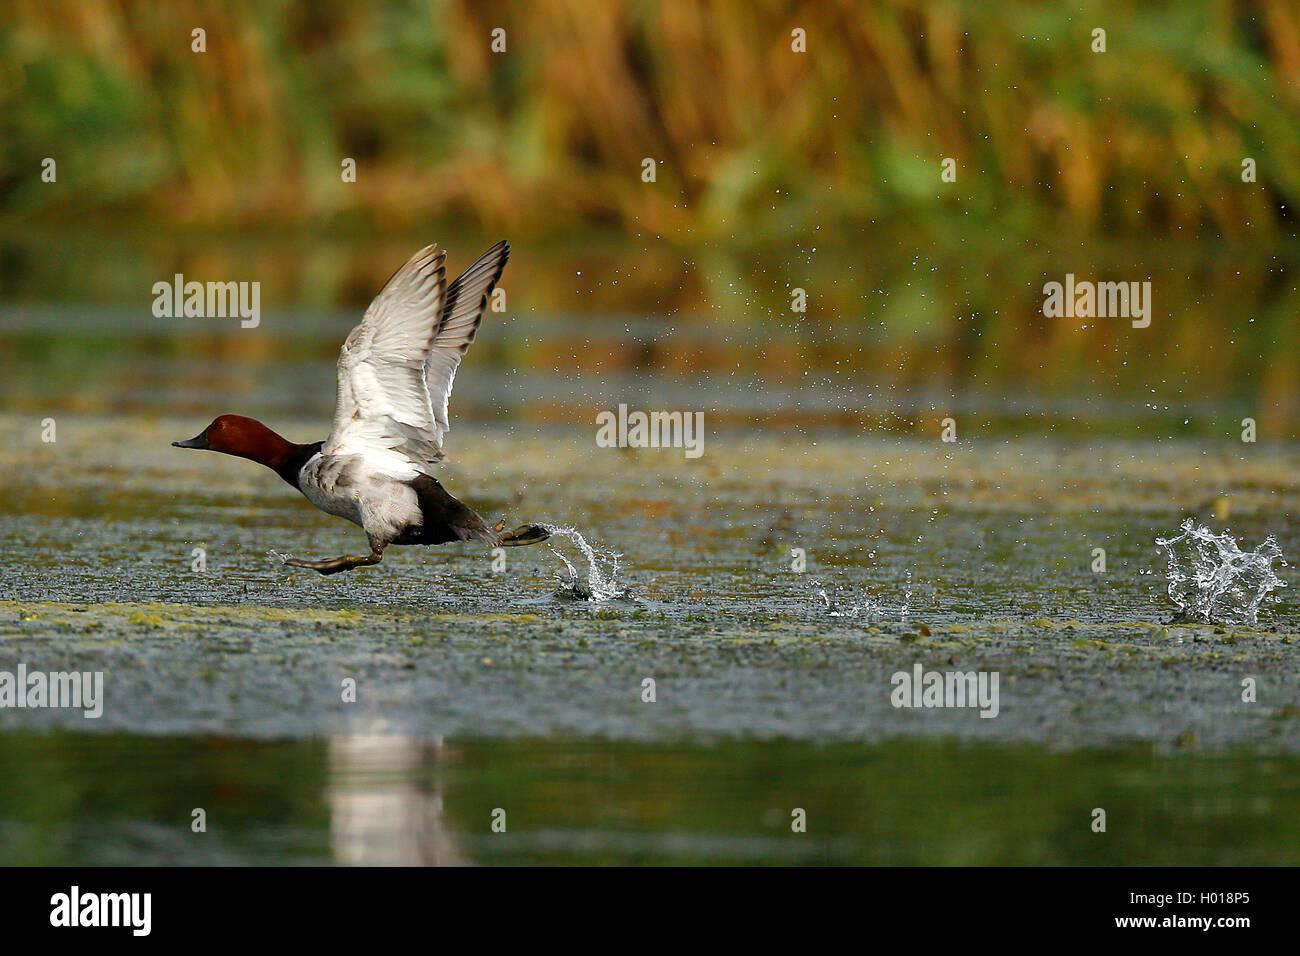 Tafelente, Tafel-Ente (Aythya ferina, Anas ferina), vom Wasser startendes Maennchen, Seitenansicht, Rumaenien, Donaudelta Immagini Stock